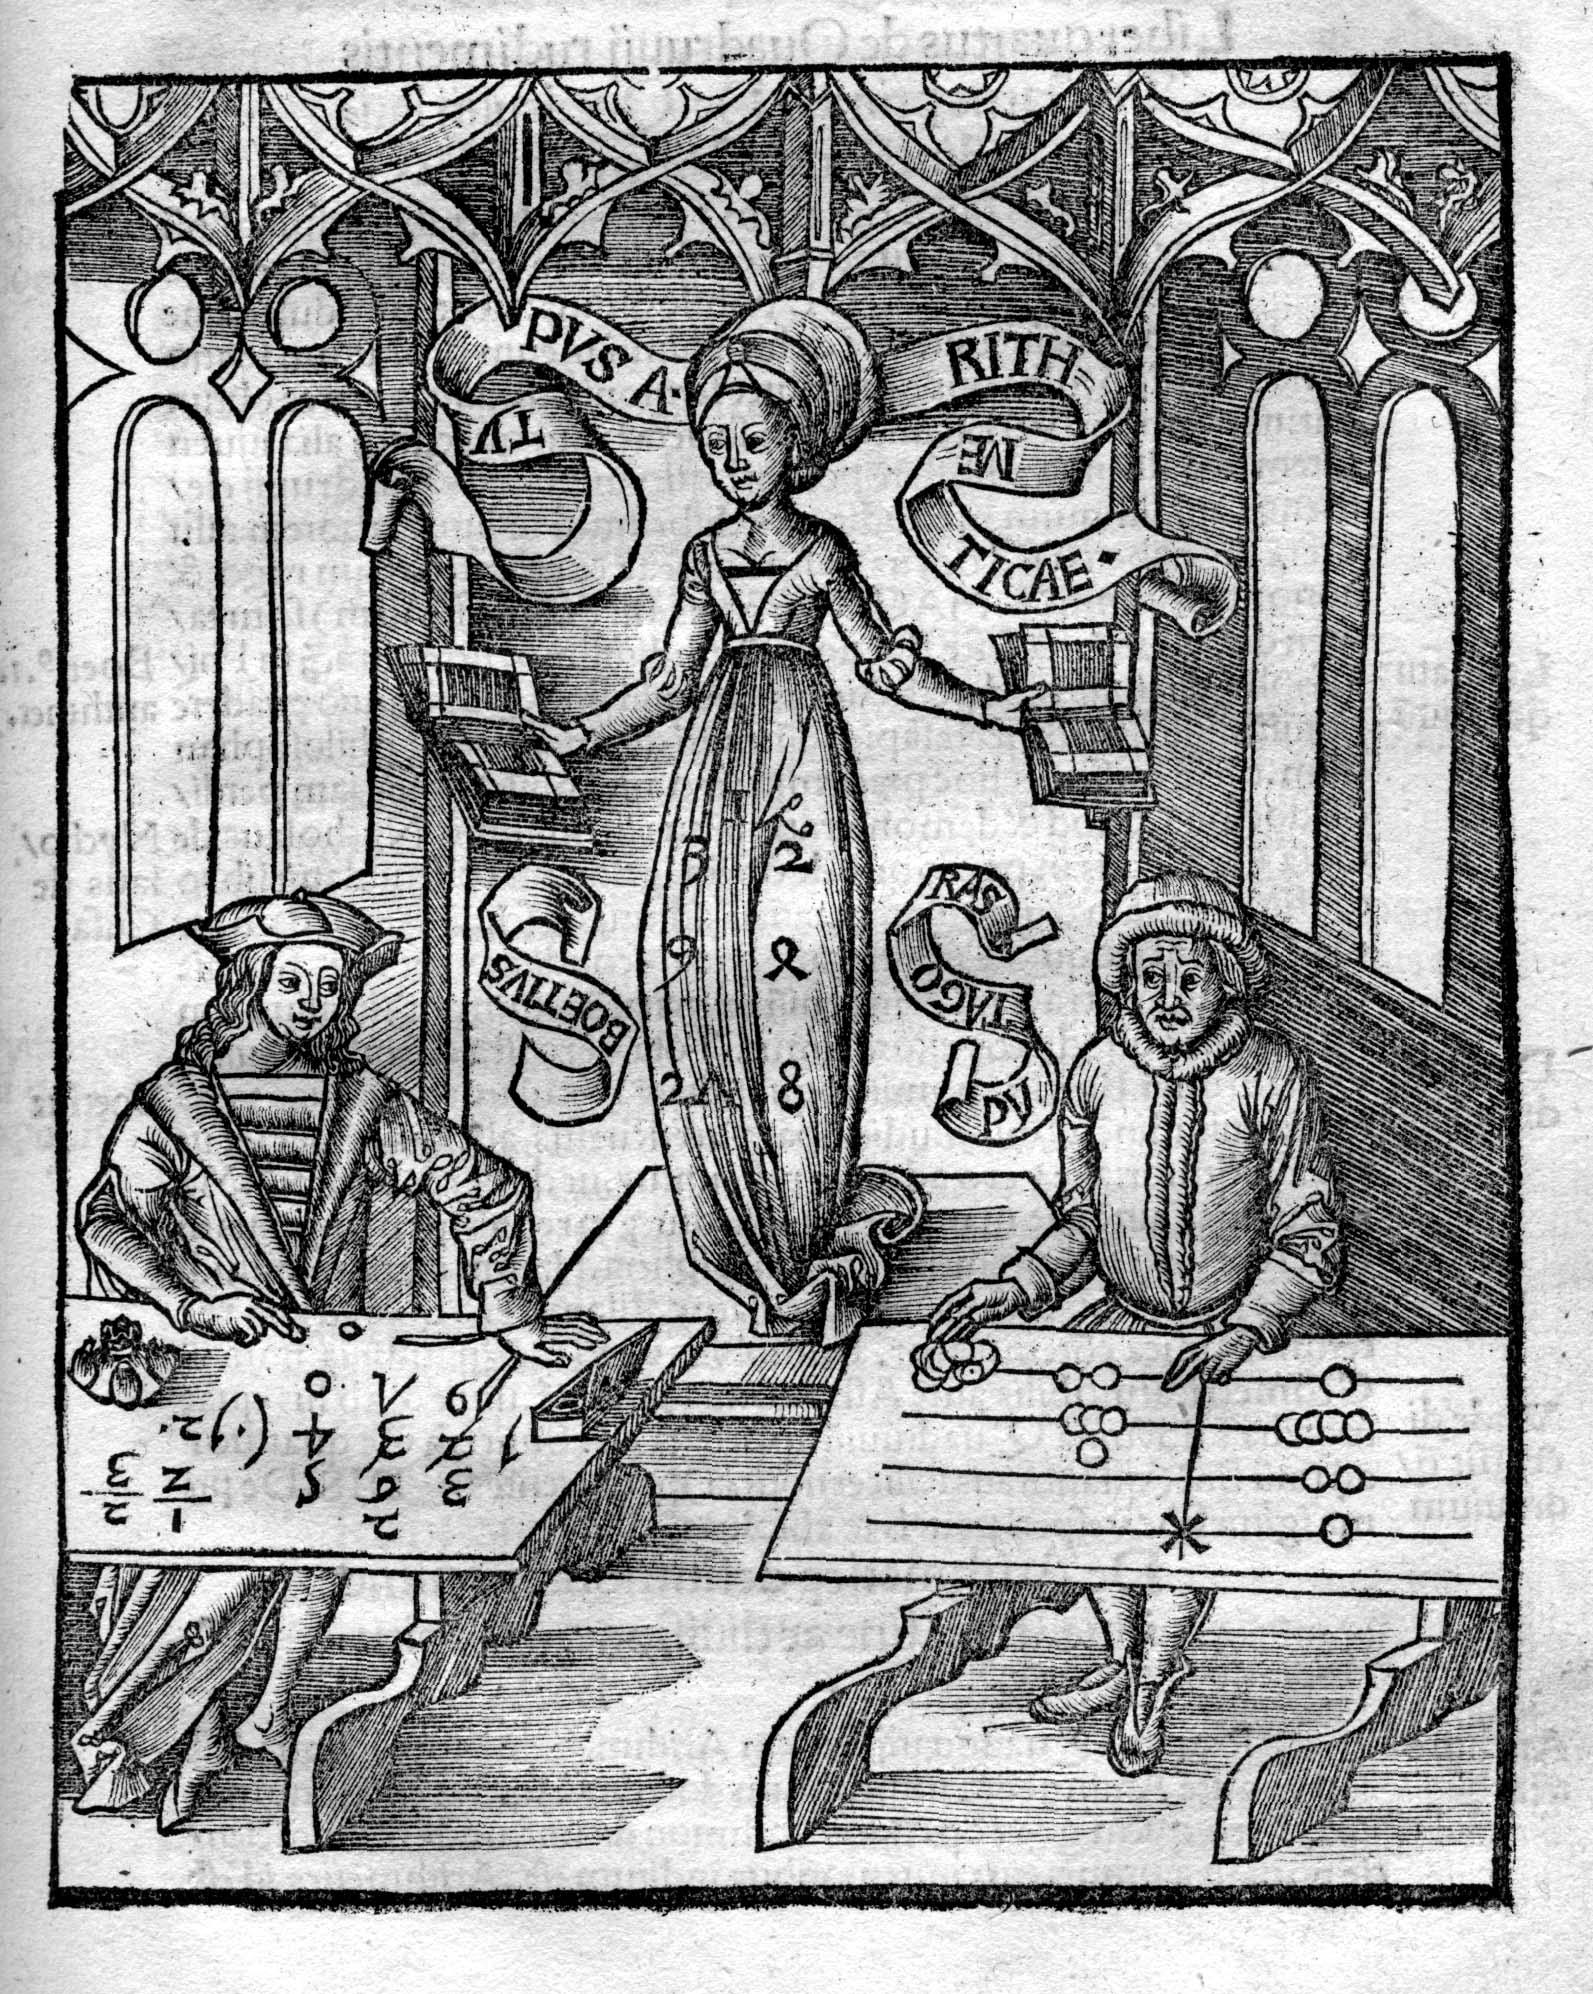 Margarita philosophica, Aritmética, Gregor Reisch, 1504.